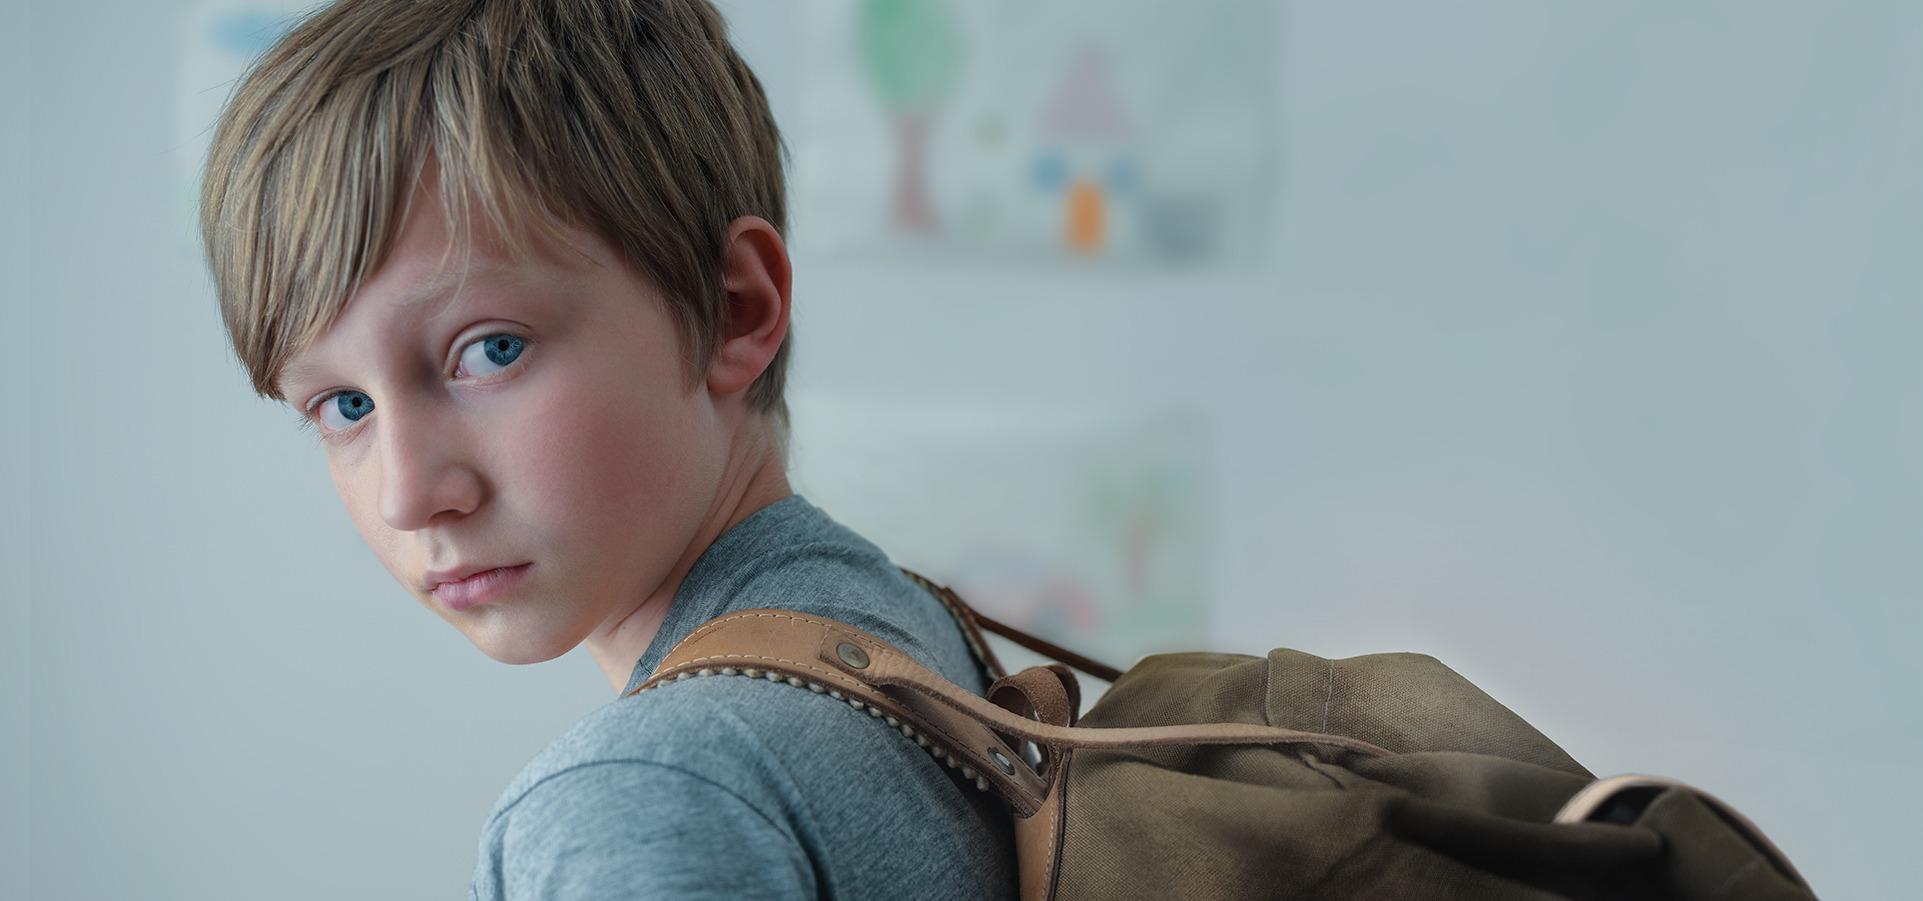 """""""Problemy dorosłych to ciężar dla dzieci"""" - nowa kampania SOS Wiosek Dziecięcych"""